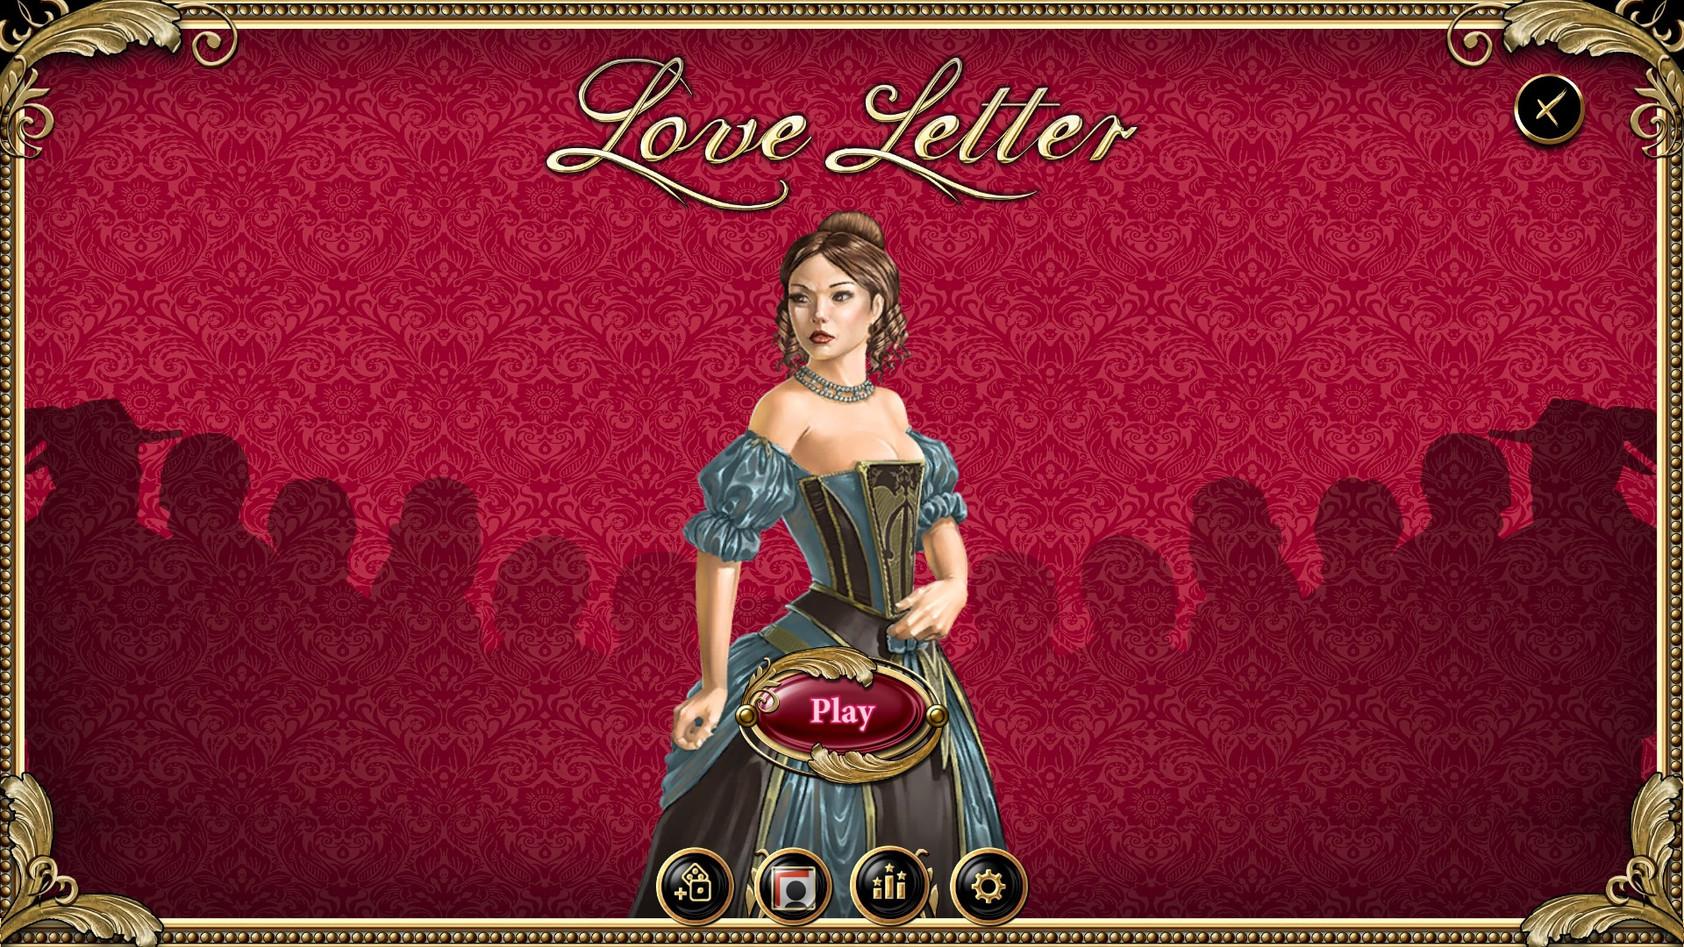 LoveLetter_Release_2019-06-19_19-06-42.j